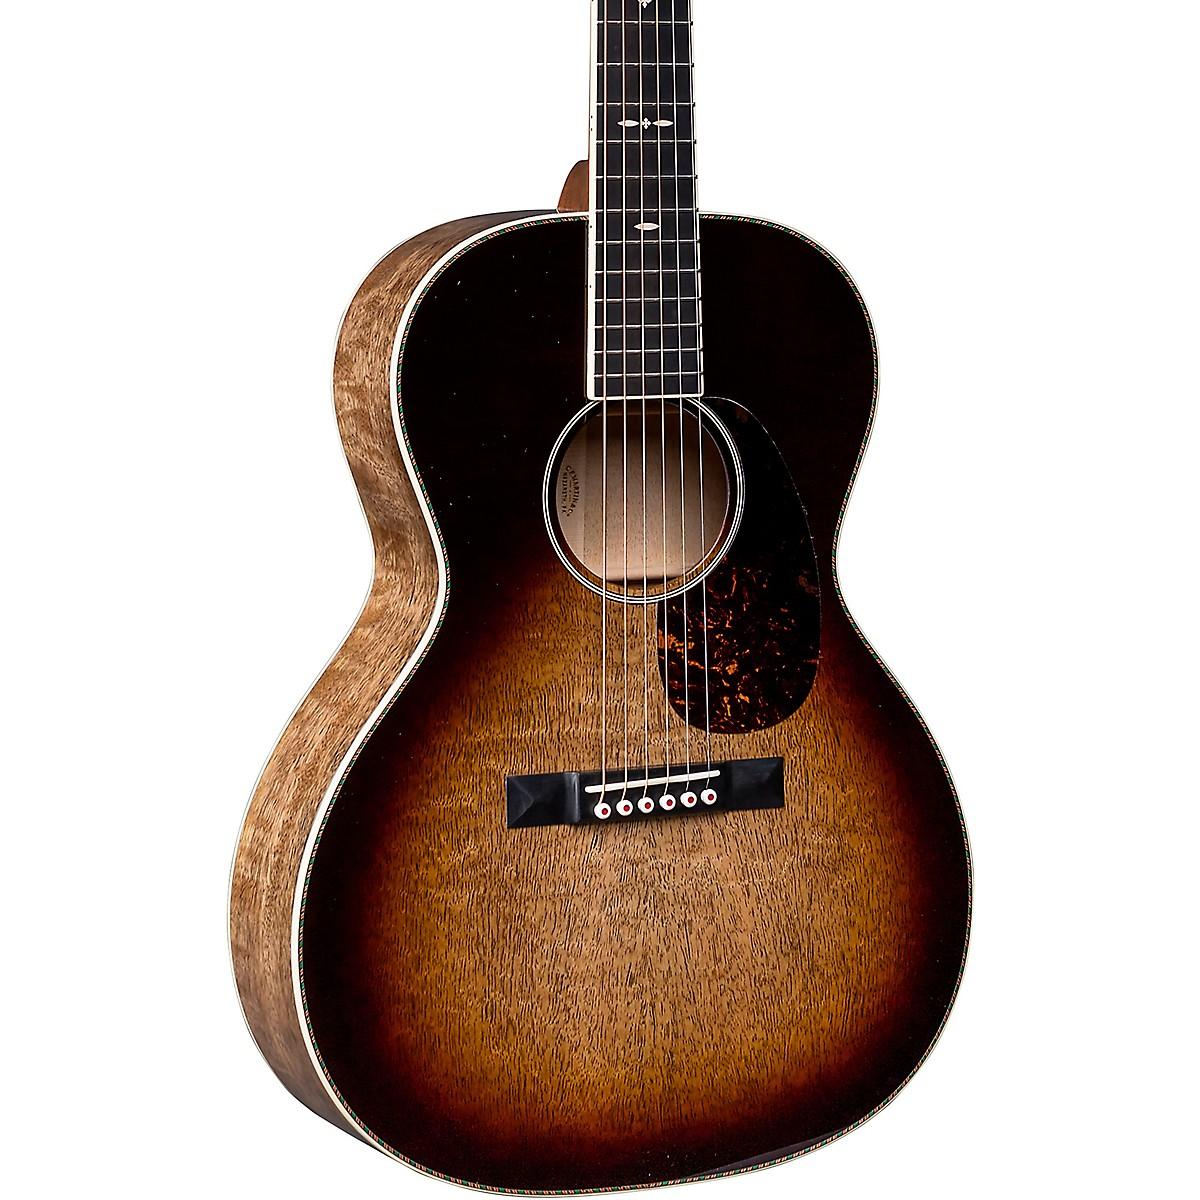 Martin CEO-9 Slope Shoulder Acoustic Guitar